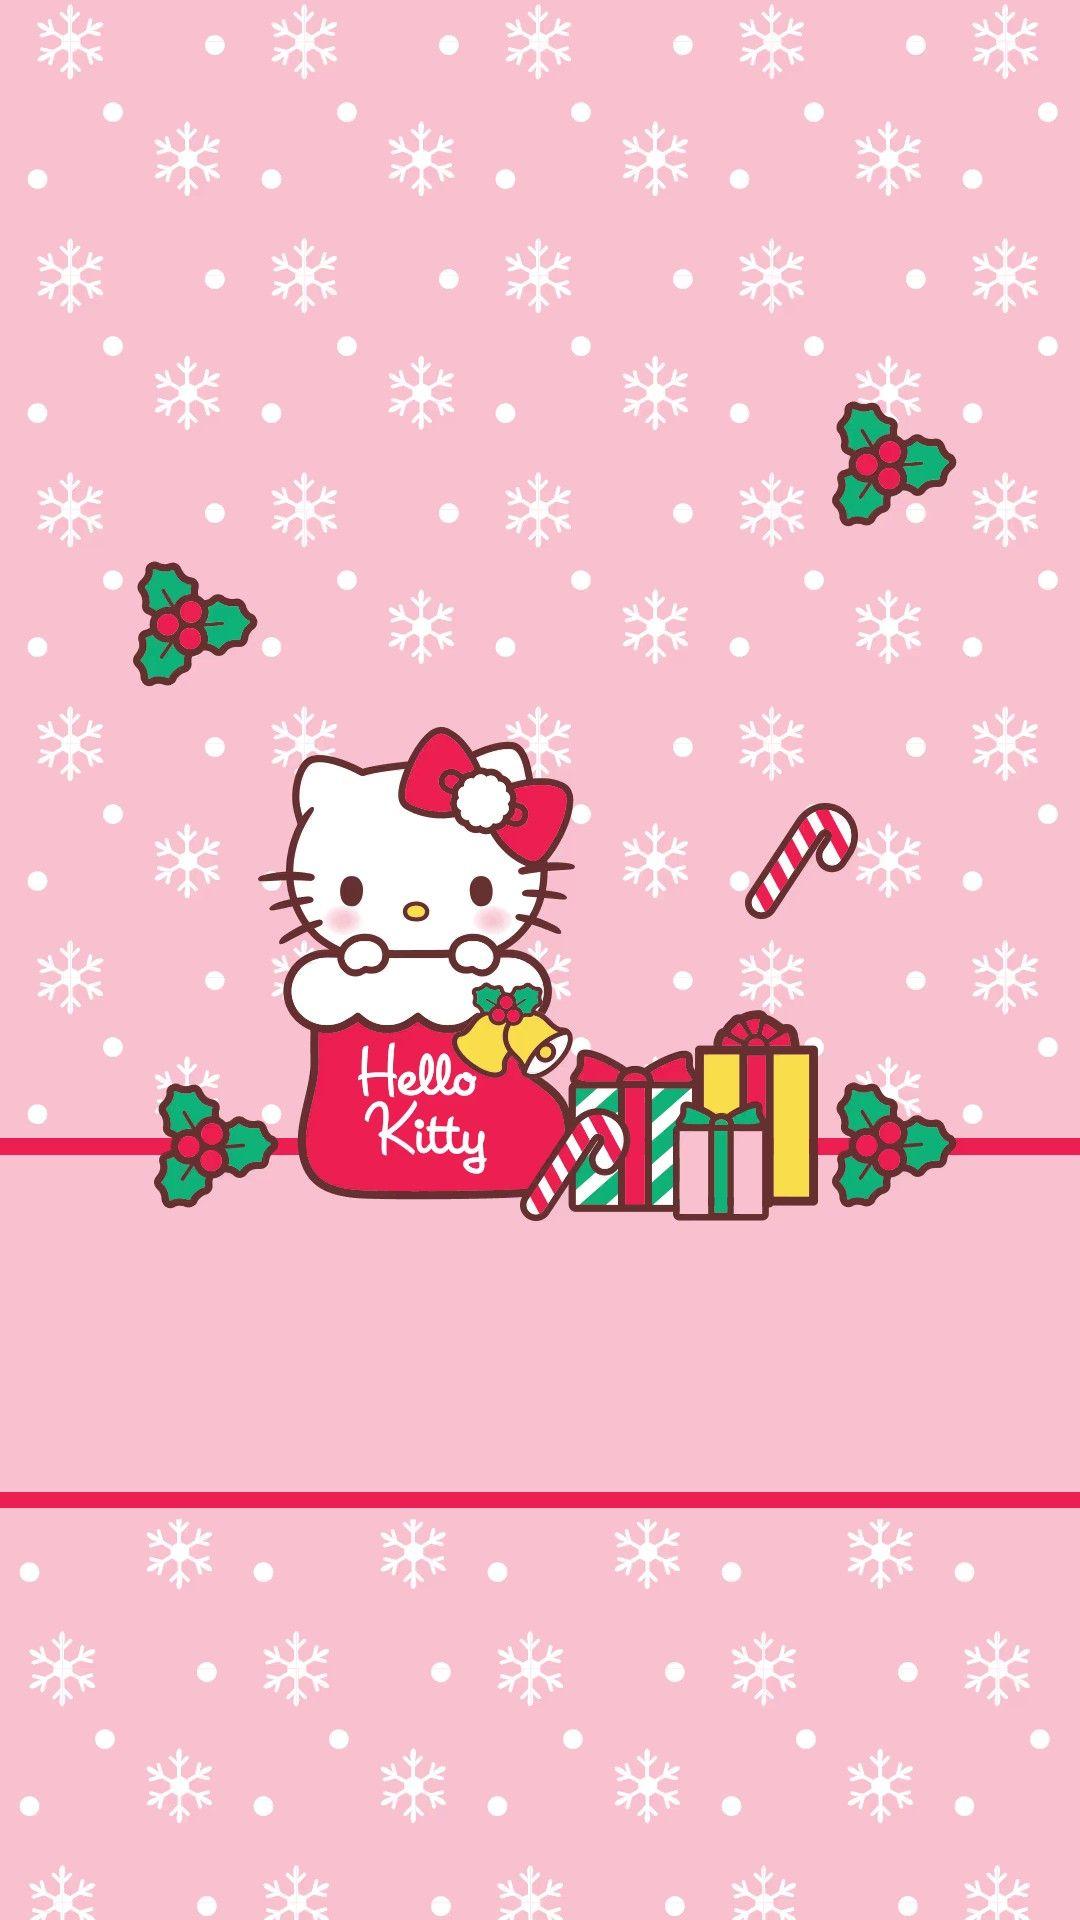 Hello Kitty Hello Kitty Christmas Hello Kitty Pictures Hello Kitty Wallpaper